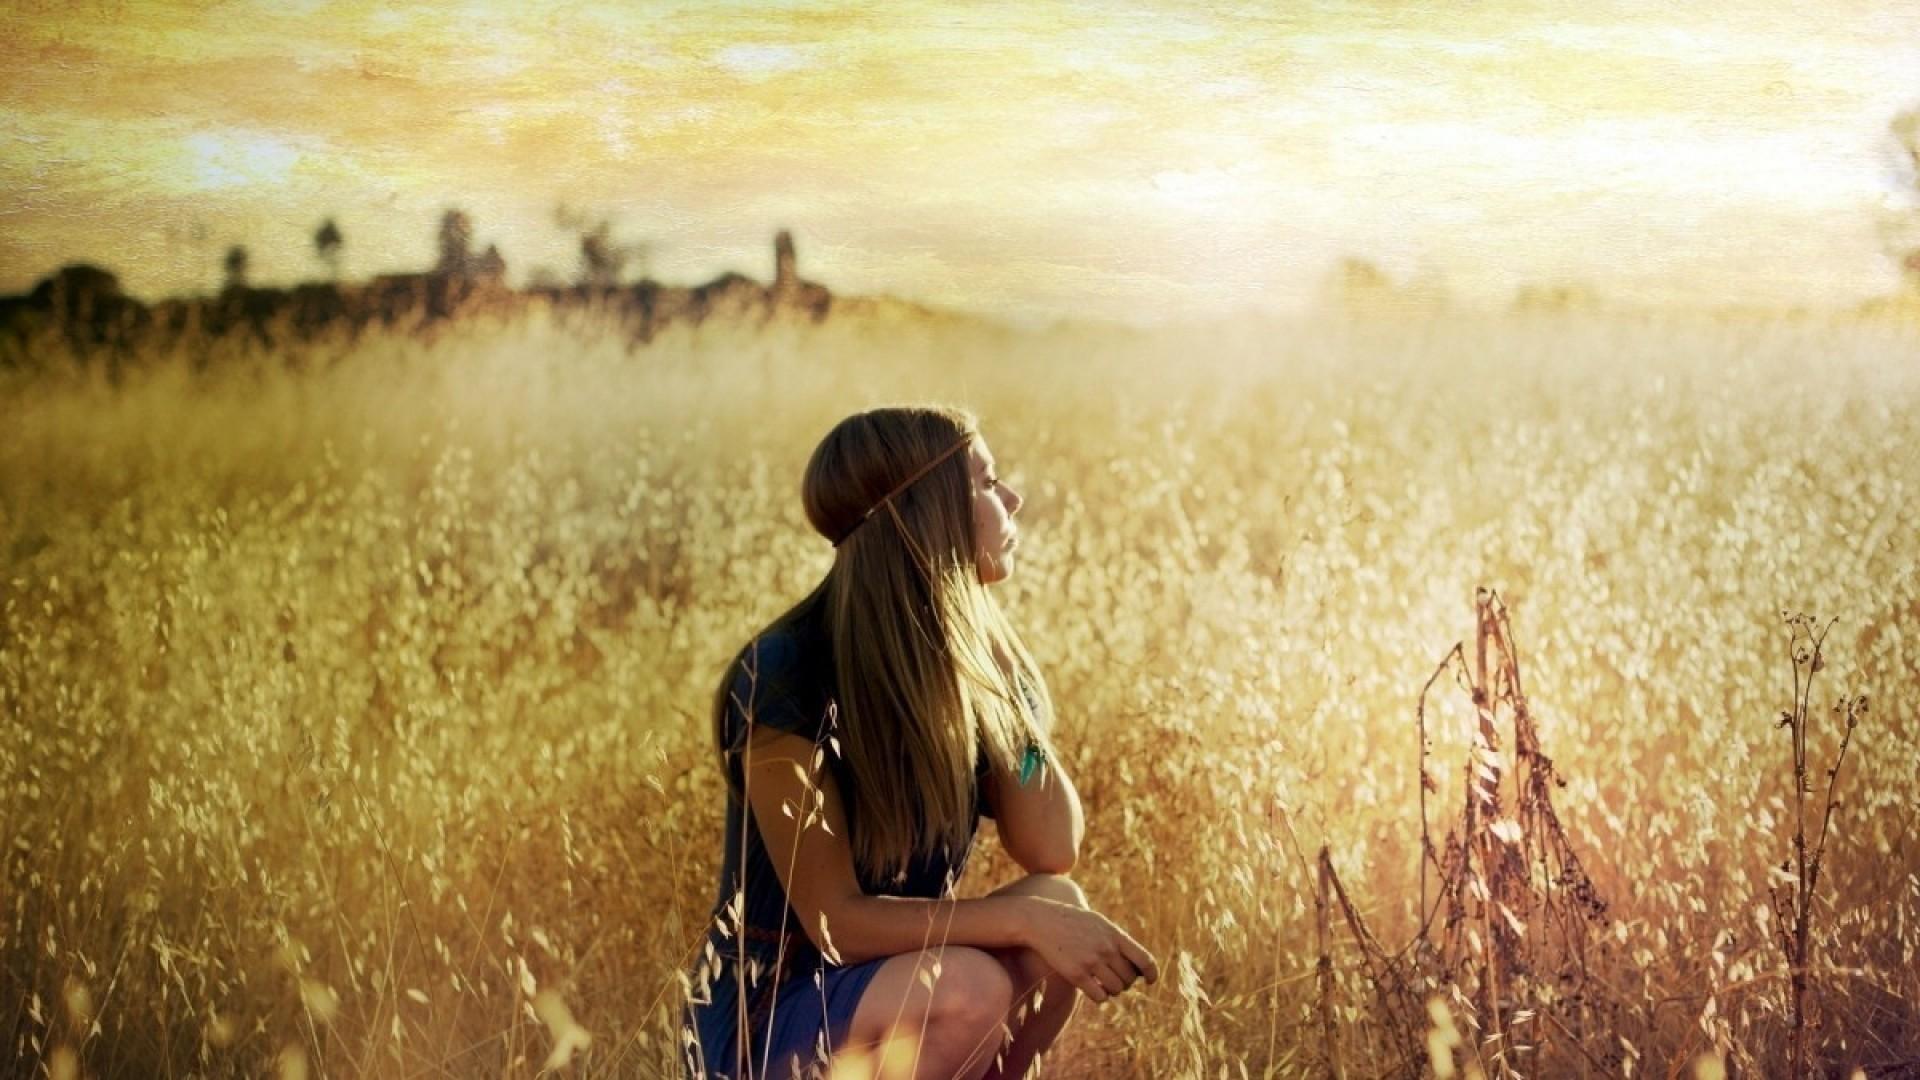 Почему важно жить сейчас? 7 мудрых цитат Экхарта Толле